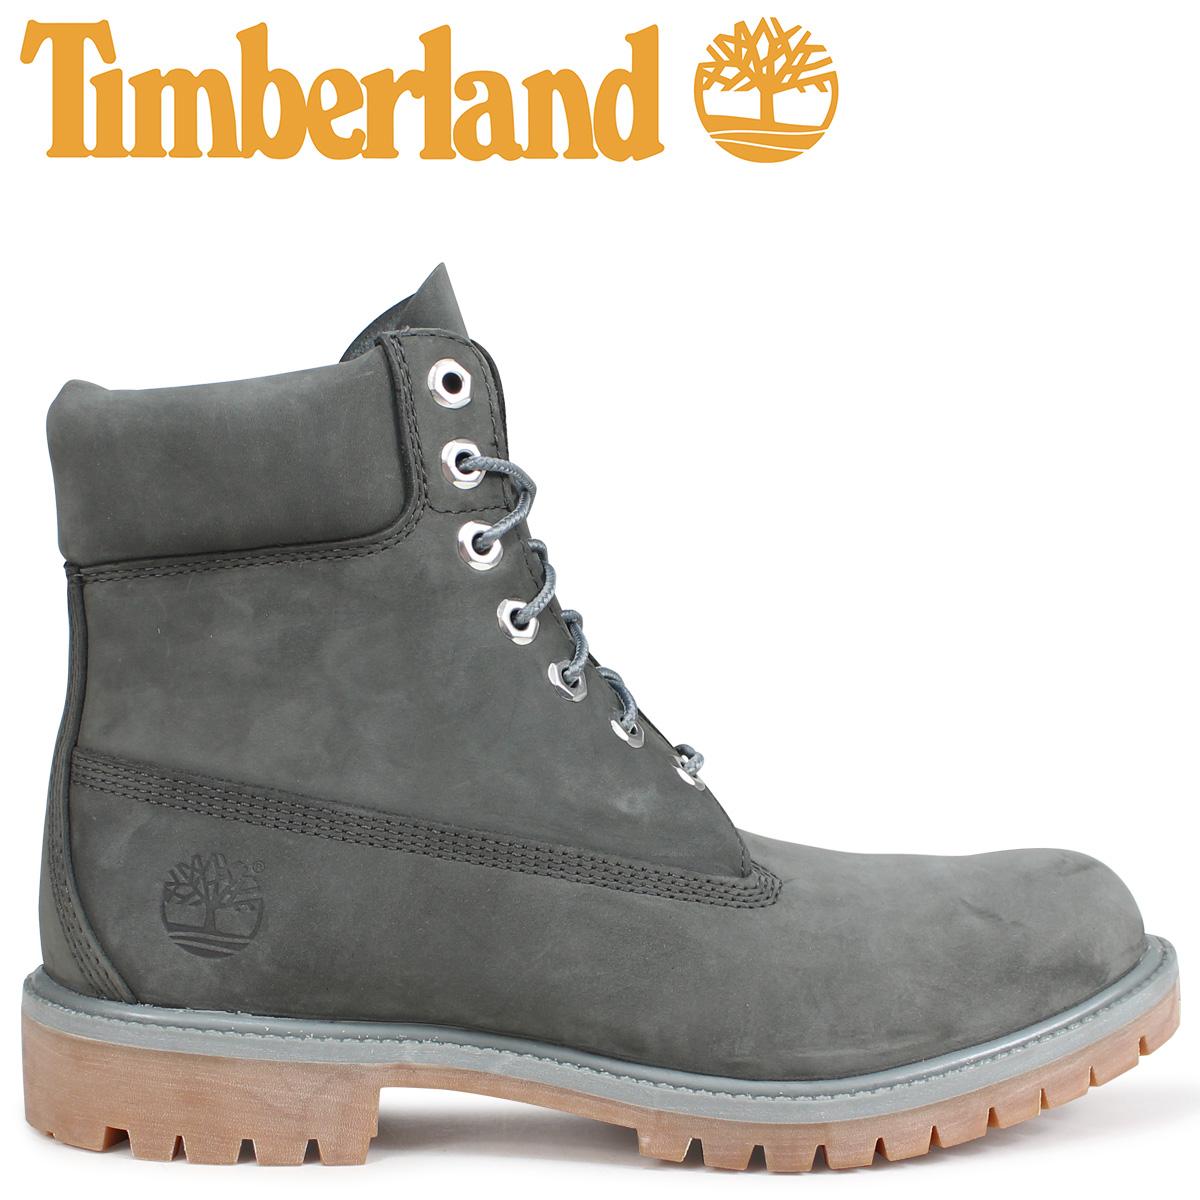 Timberland ブーツ メンズ 6インチ ティンバーランド 6-INCH PREMIUM BOOTS A1UFH Wワイズ ダークグレー [9/7 新入荷]